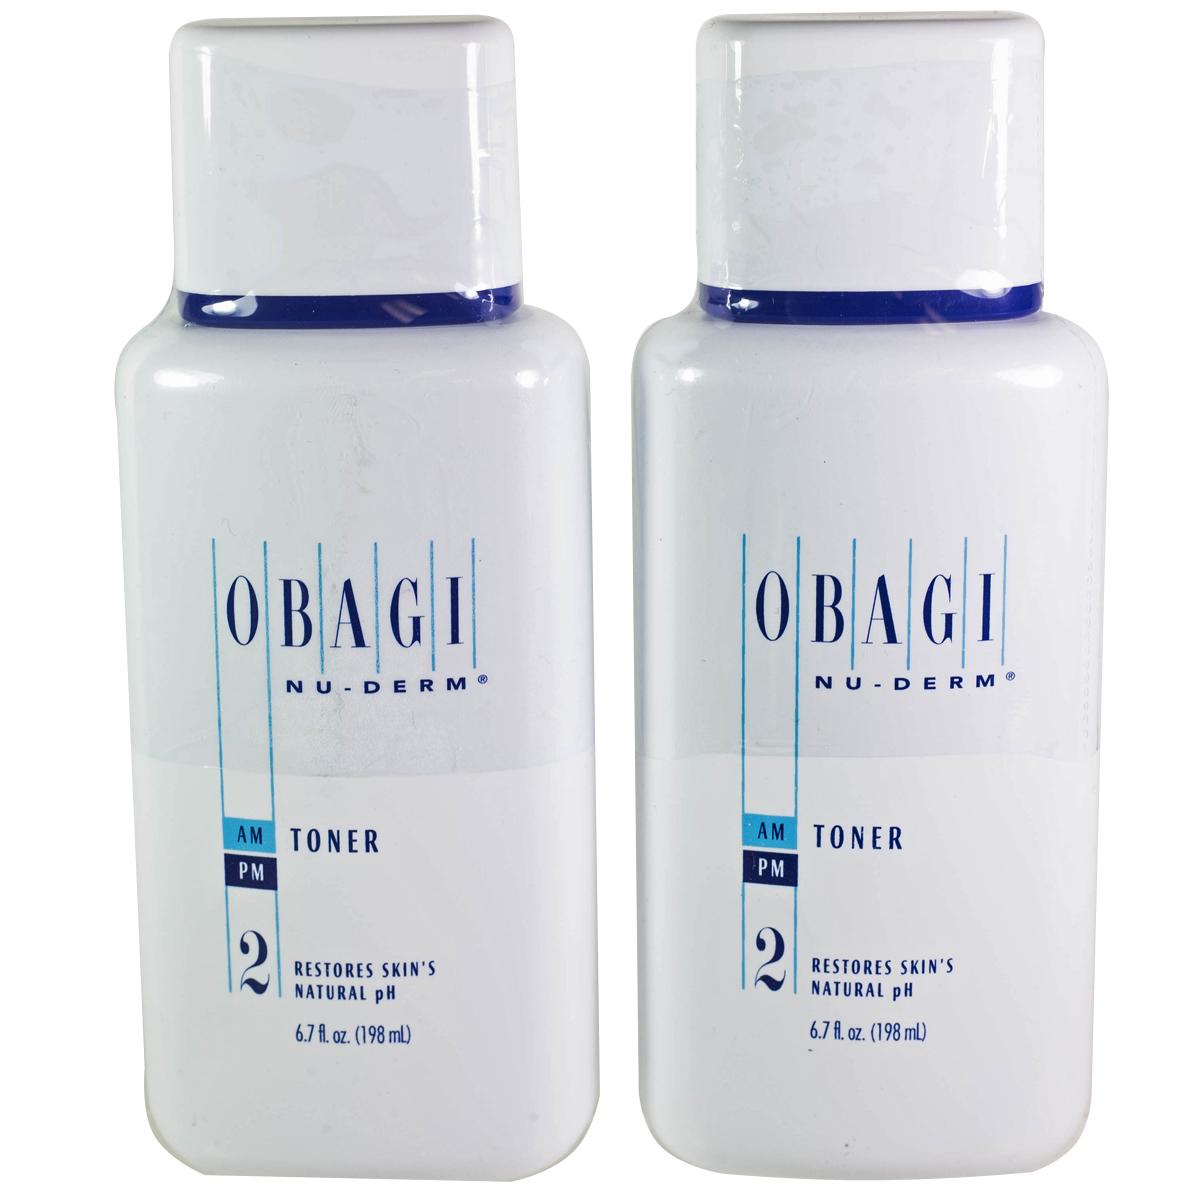 Obagi Nu-Derm Toner  - 2 Pack 13.4oz 400ml